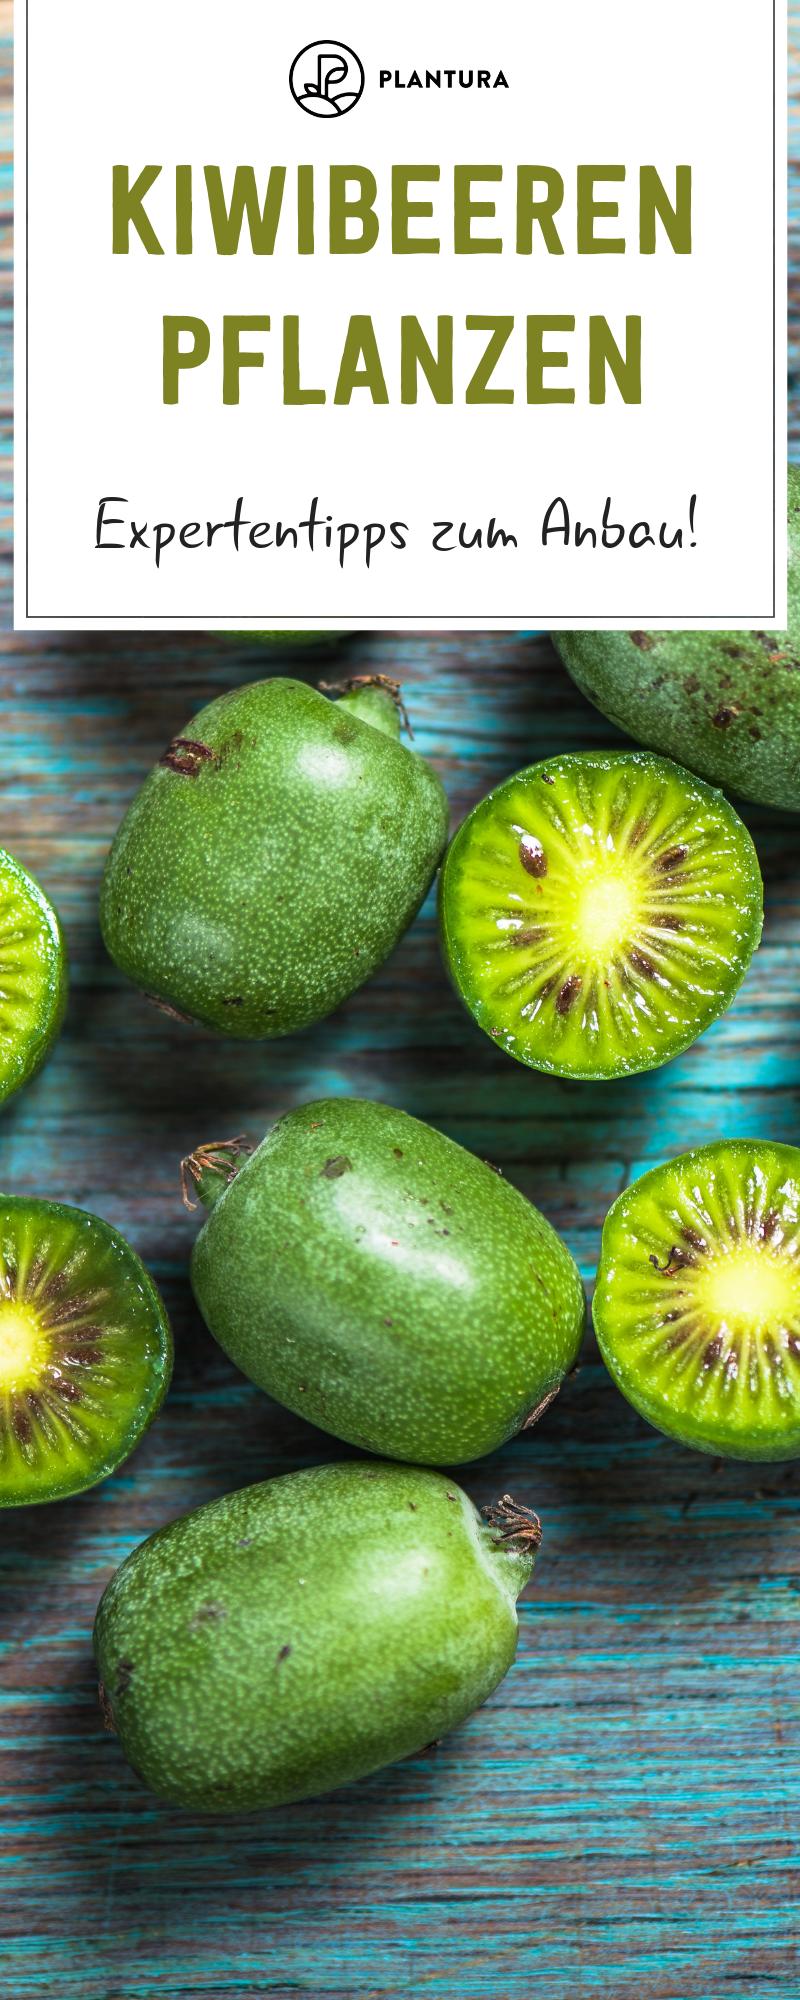 Kiwibeeren pflanzen: Tipps zum Anbau der Mini-Kiwi